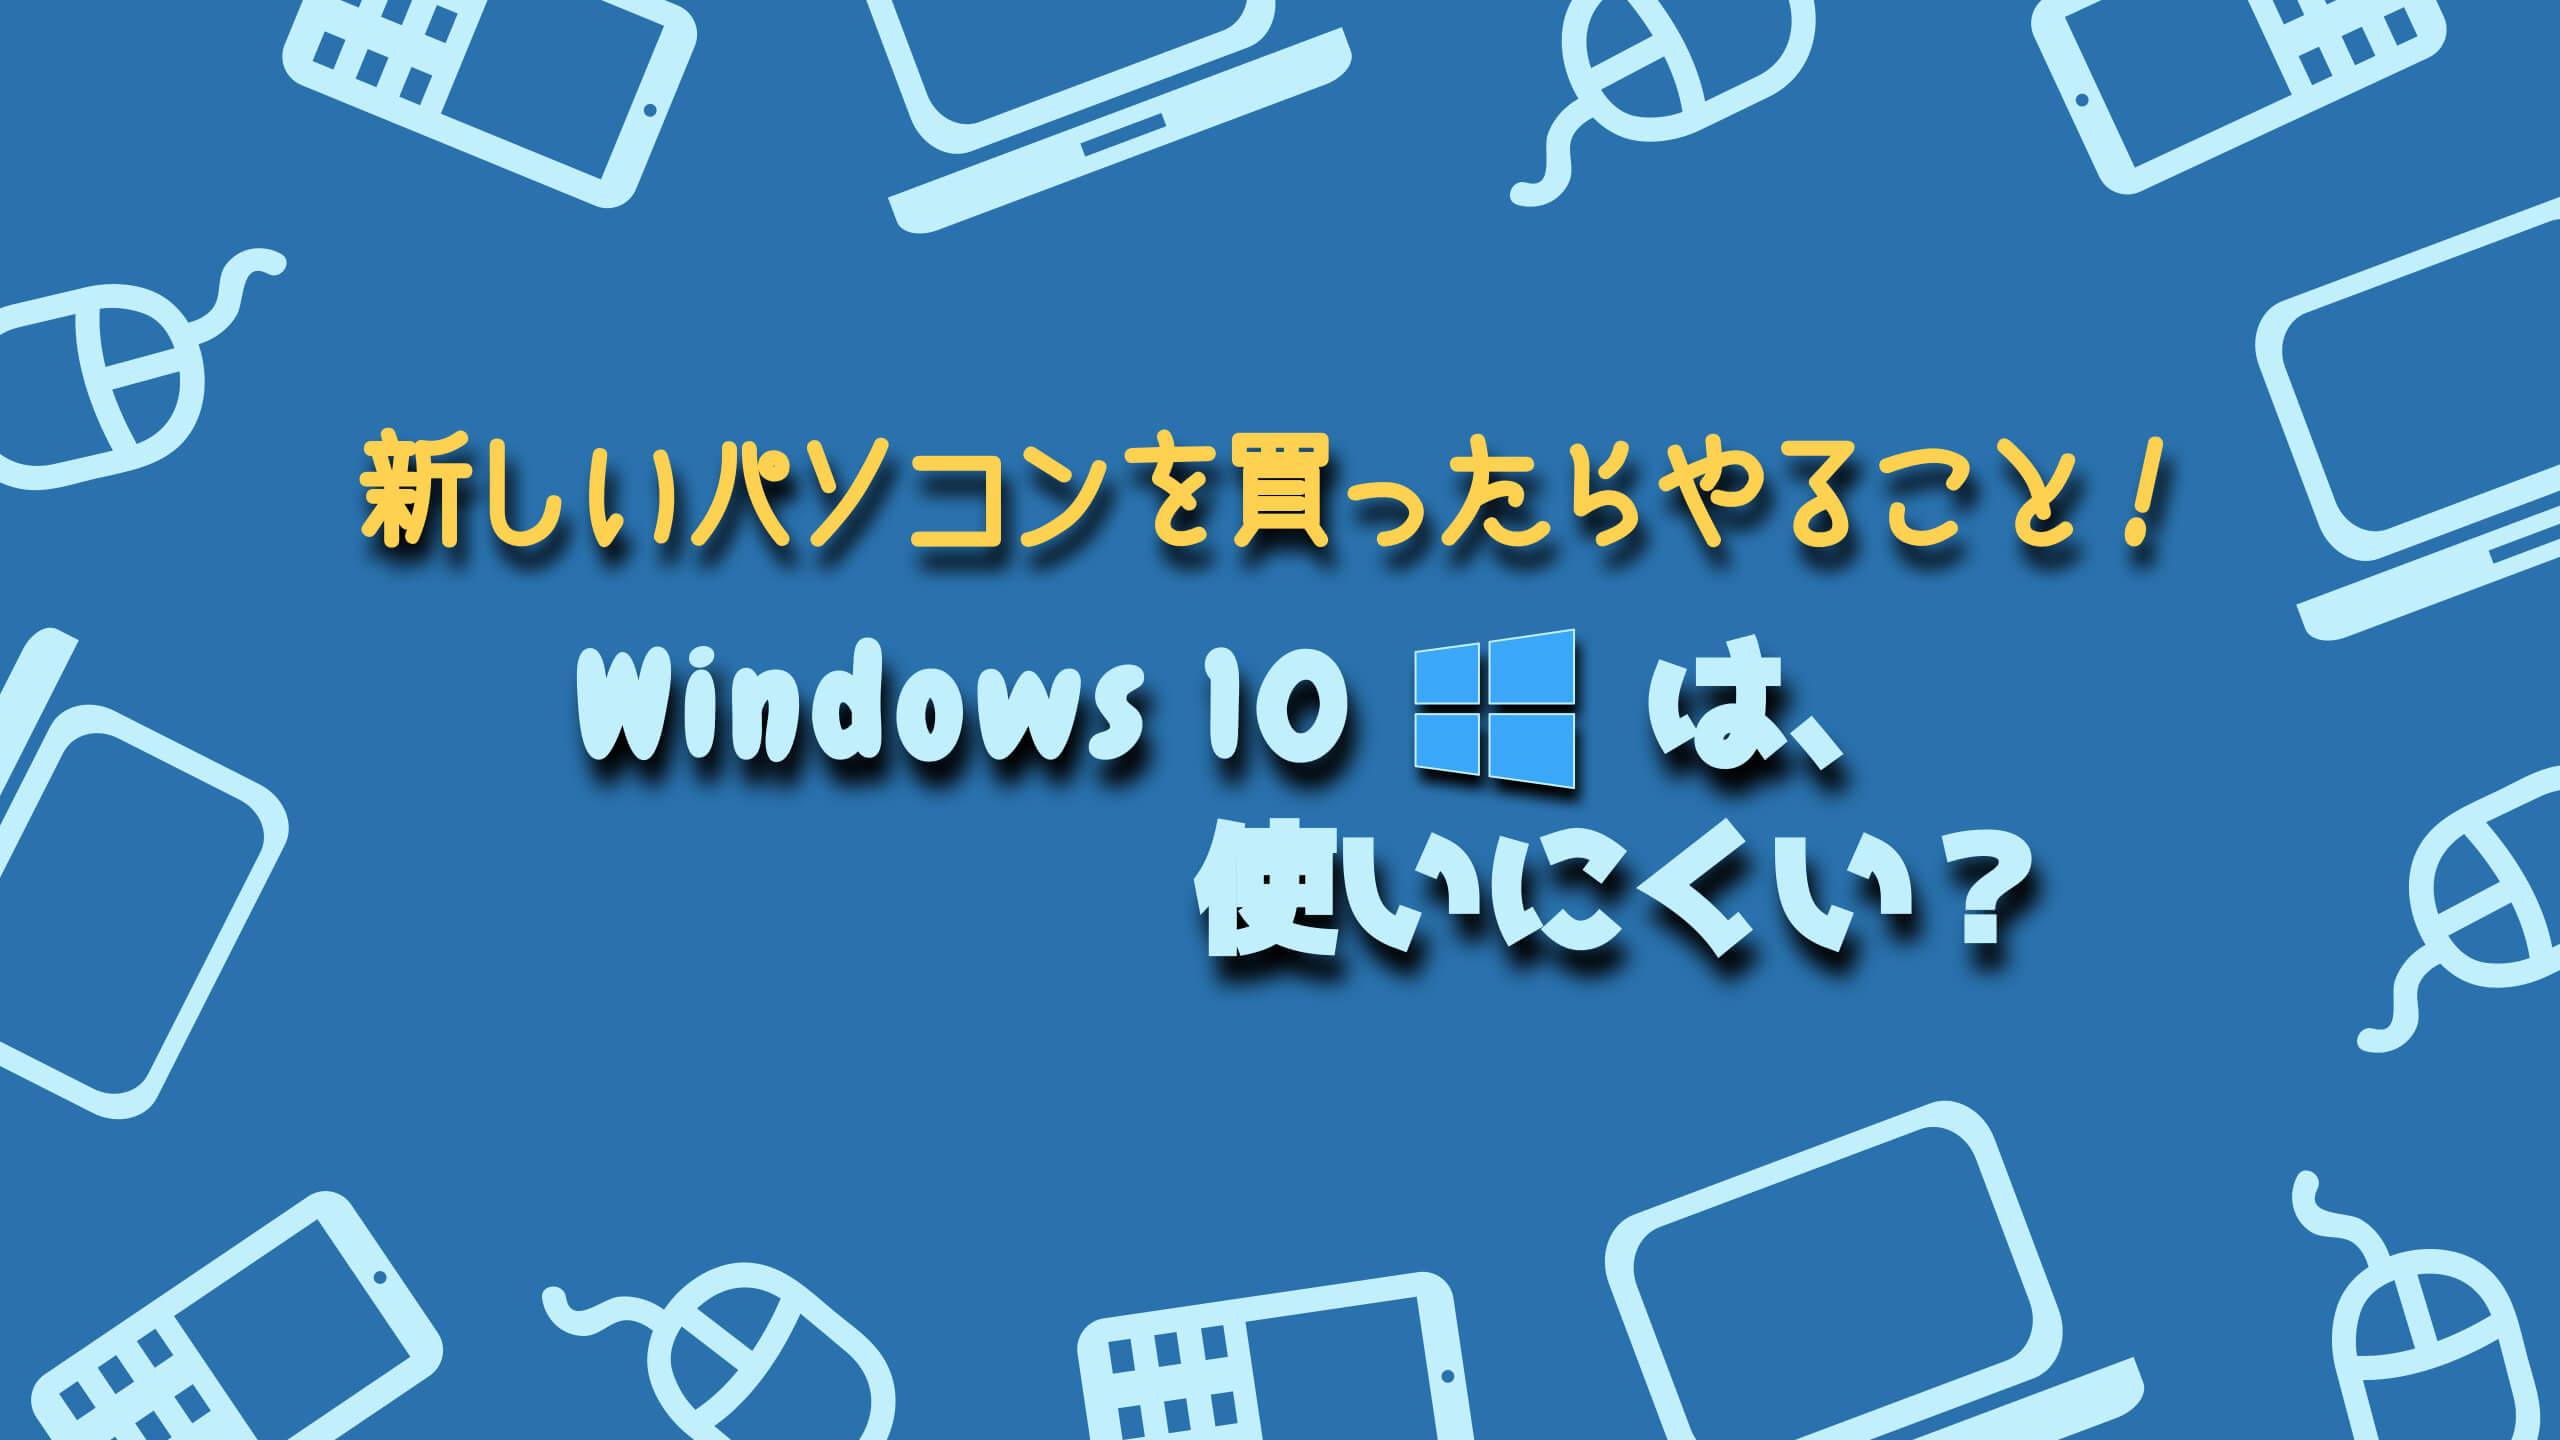 新しいパソコンを買ったらやること!Windows10は使いにくい?